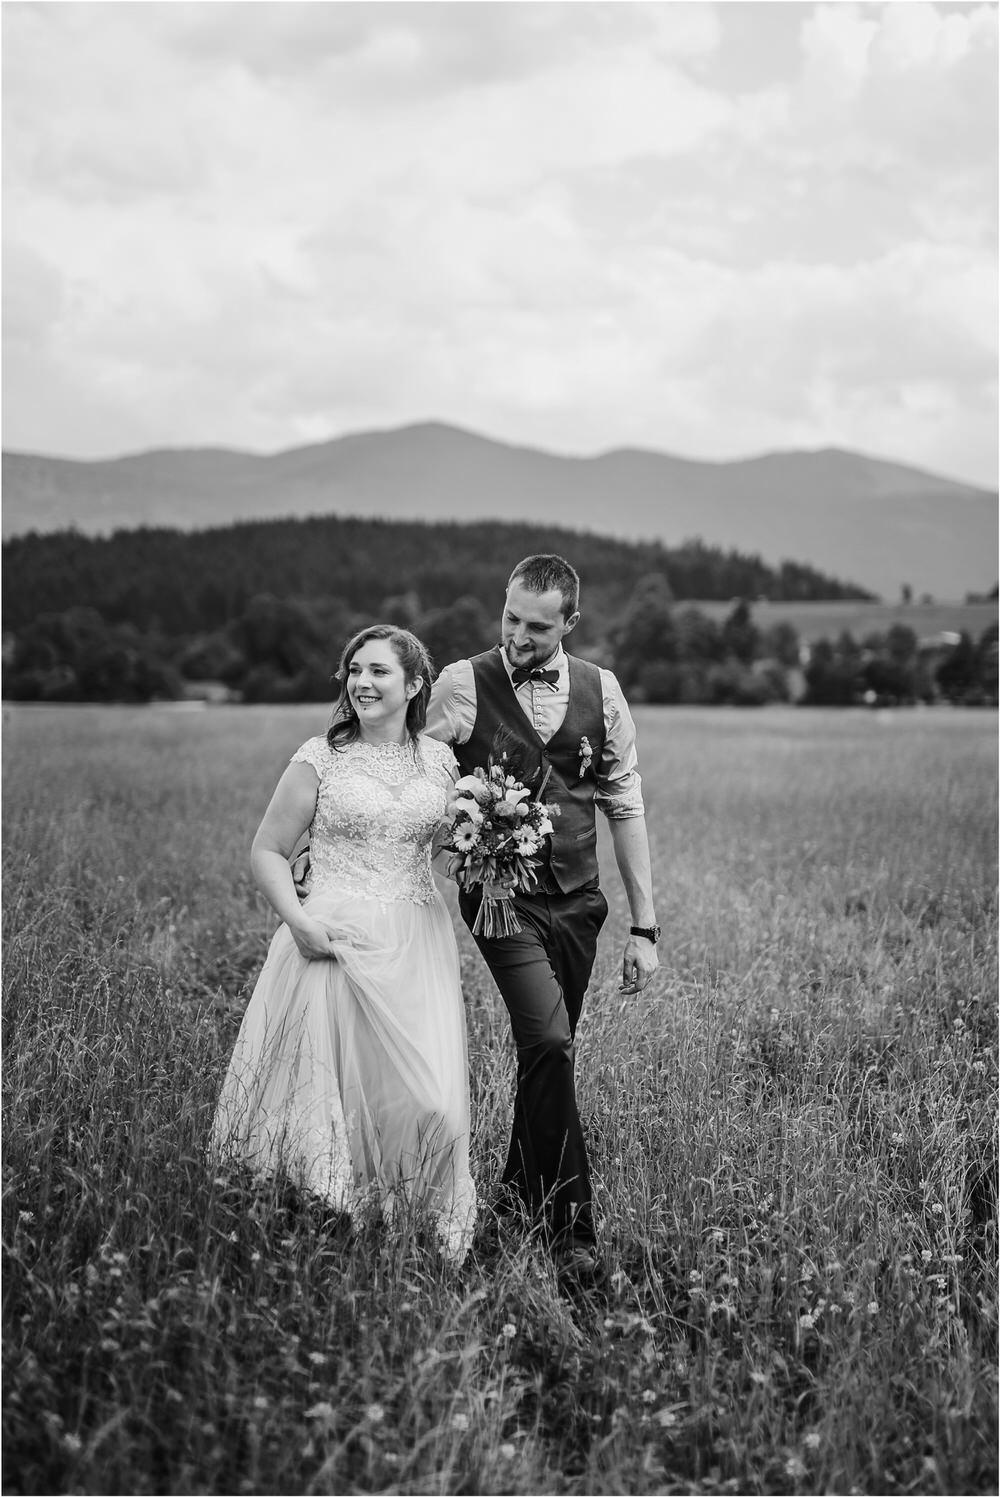 goriska brda poroka fotgorafija fotograf fotografiranje porocno kras primorska obala romanticna boho poroka rustikalna nika grega 0045.jpg